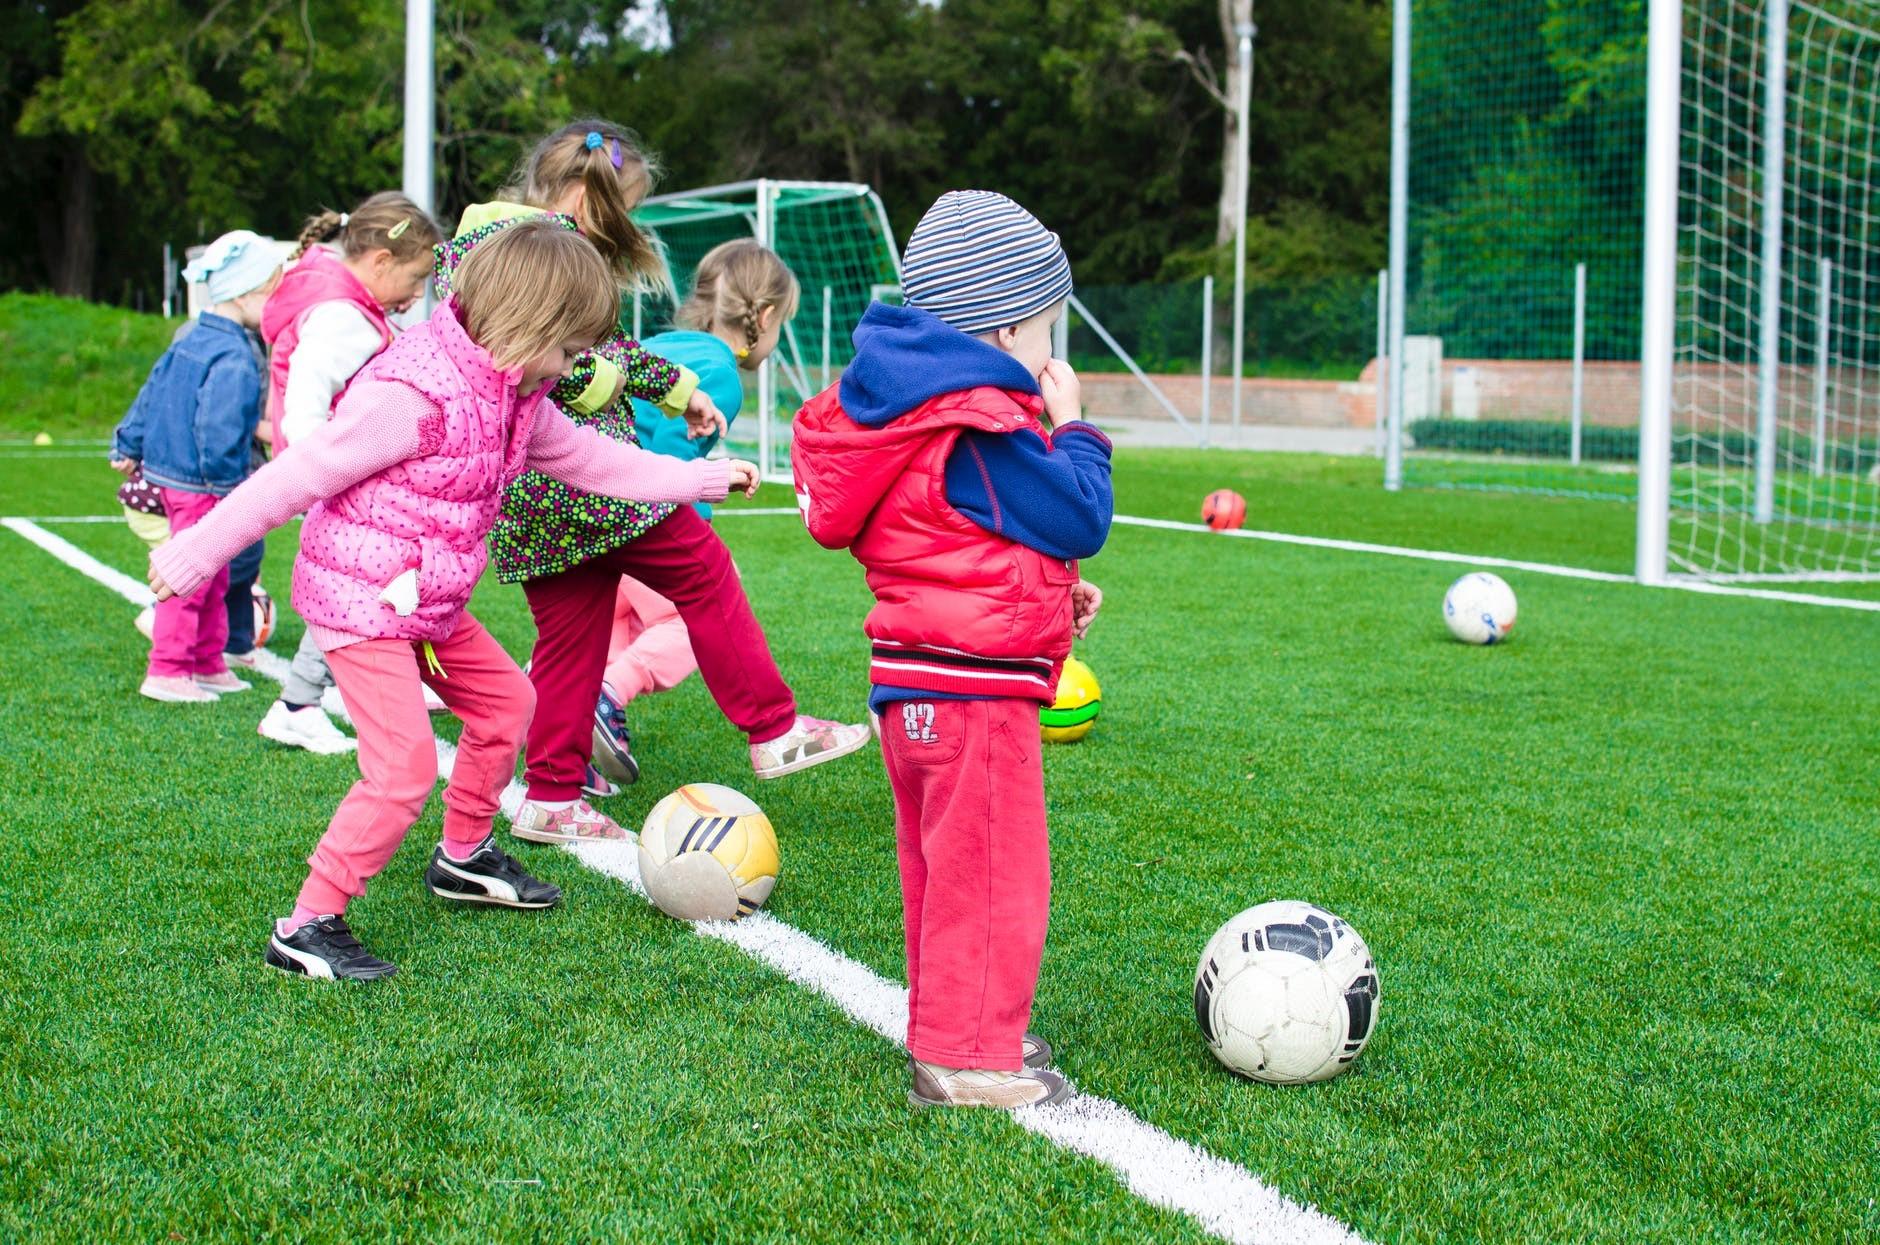 Bóng đá là môn thể thao phổ biến và dễ dàng cho các bé luyện tập để tăng chiều cao